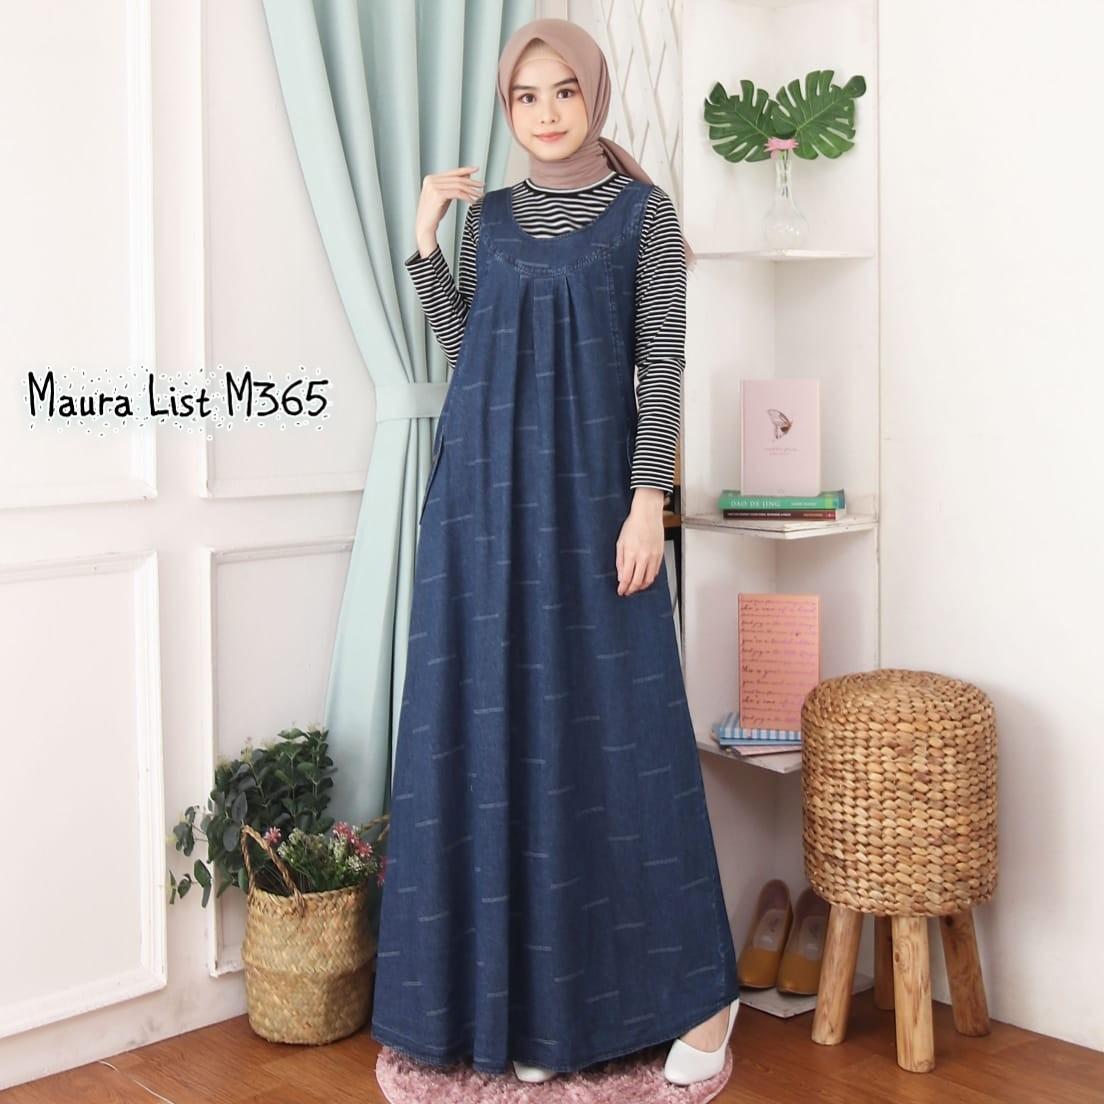 maura list m365 baju hijab style ootd